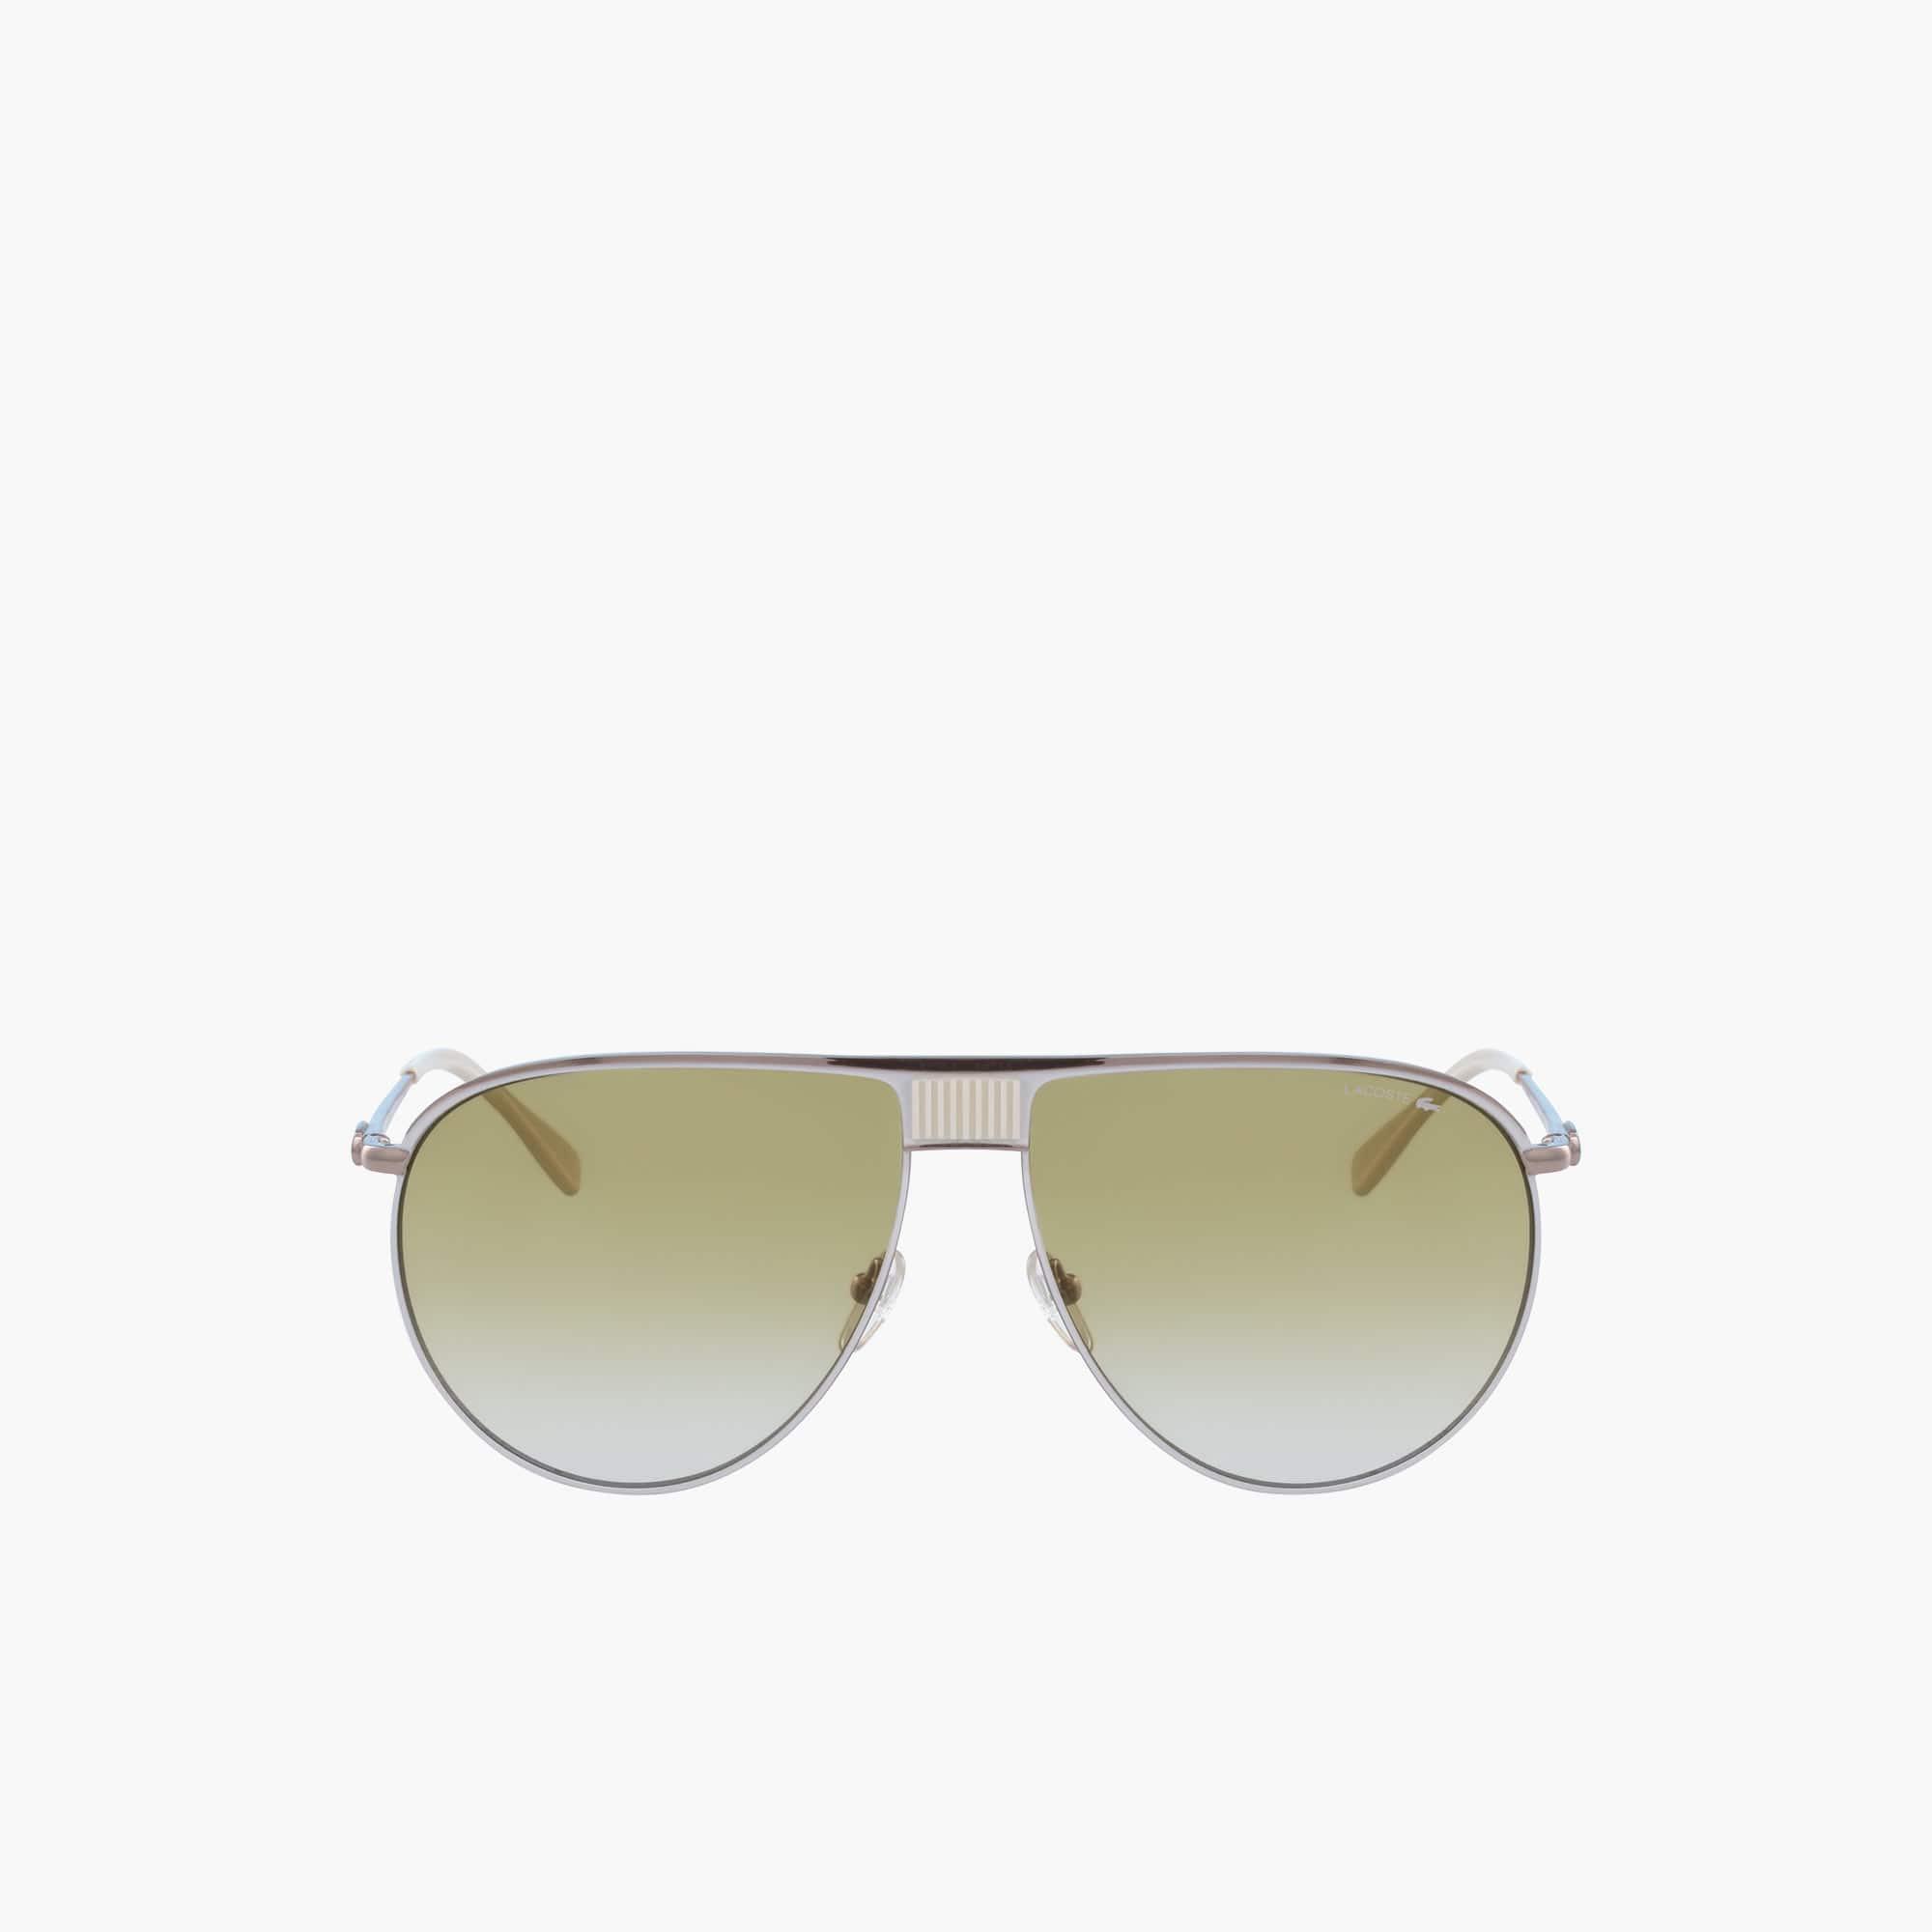 Óculos de sol Fashion Show unissexo com armação de metal